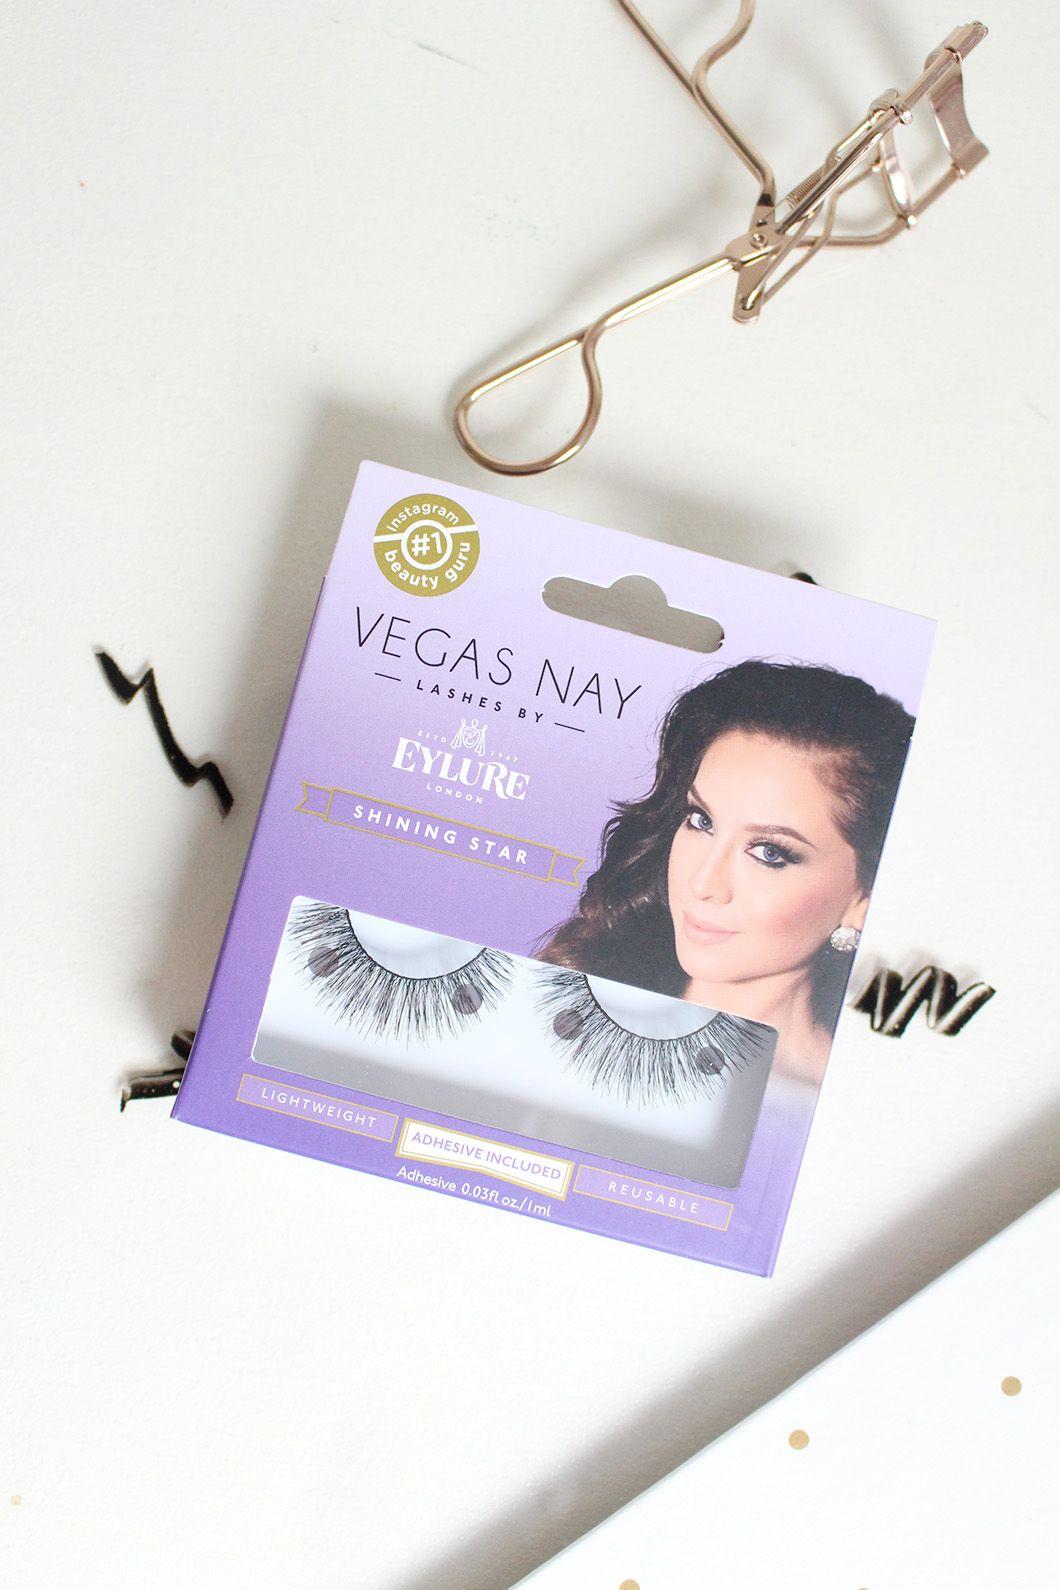 9e12371b66c The Vegas Nay Shining Star false eyelashes | EYLURE | Eylure lashes ...